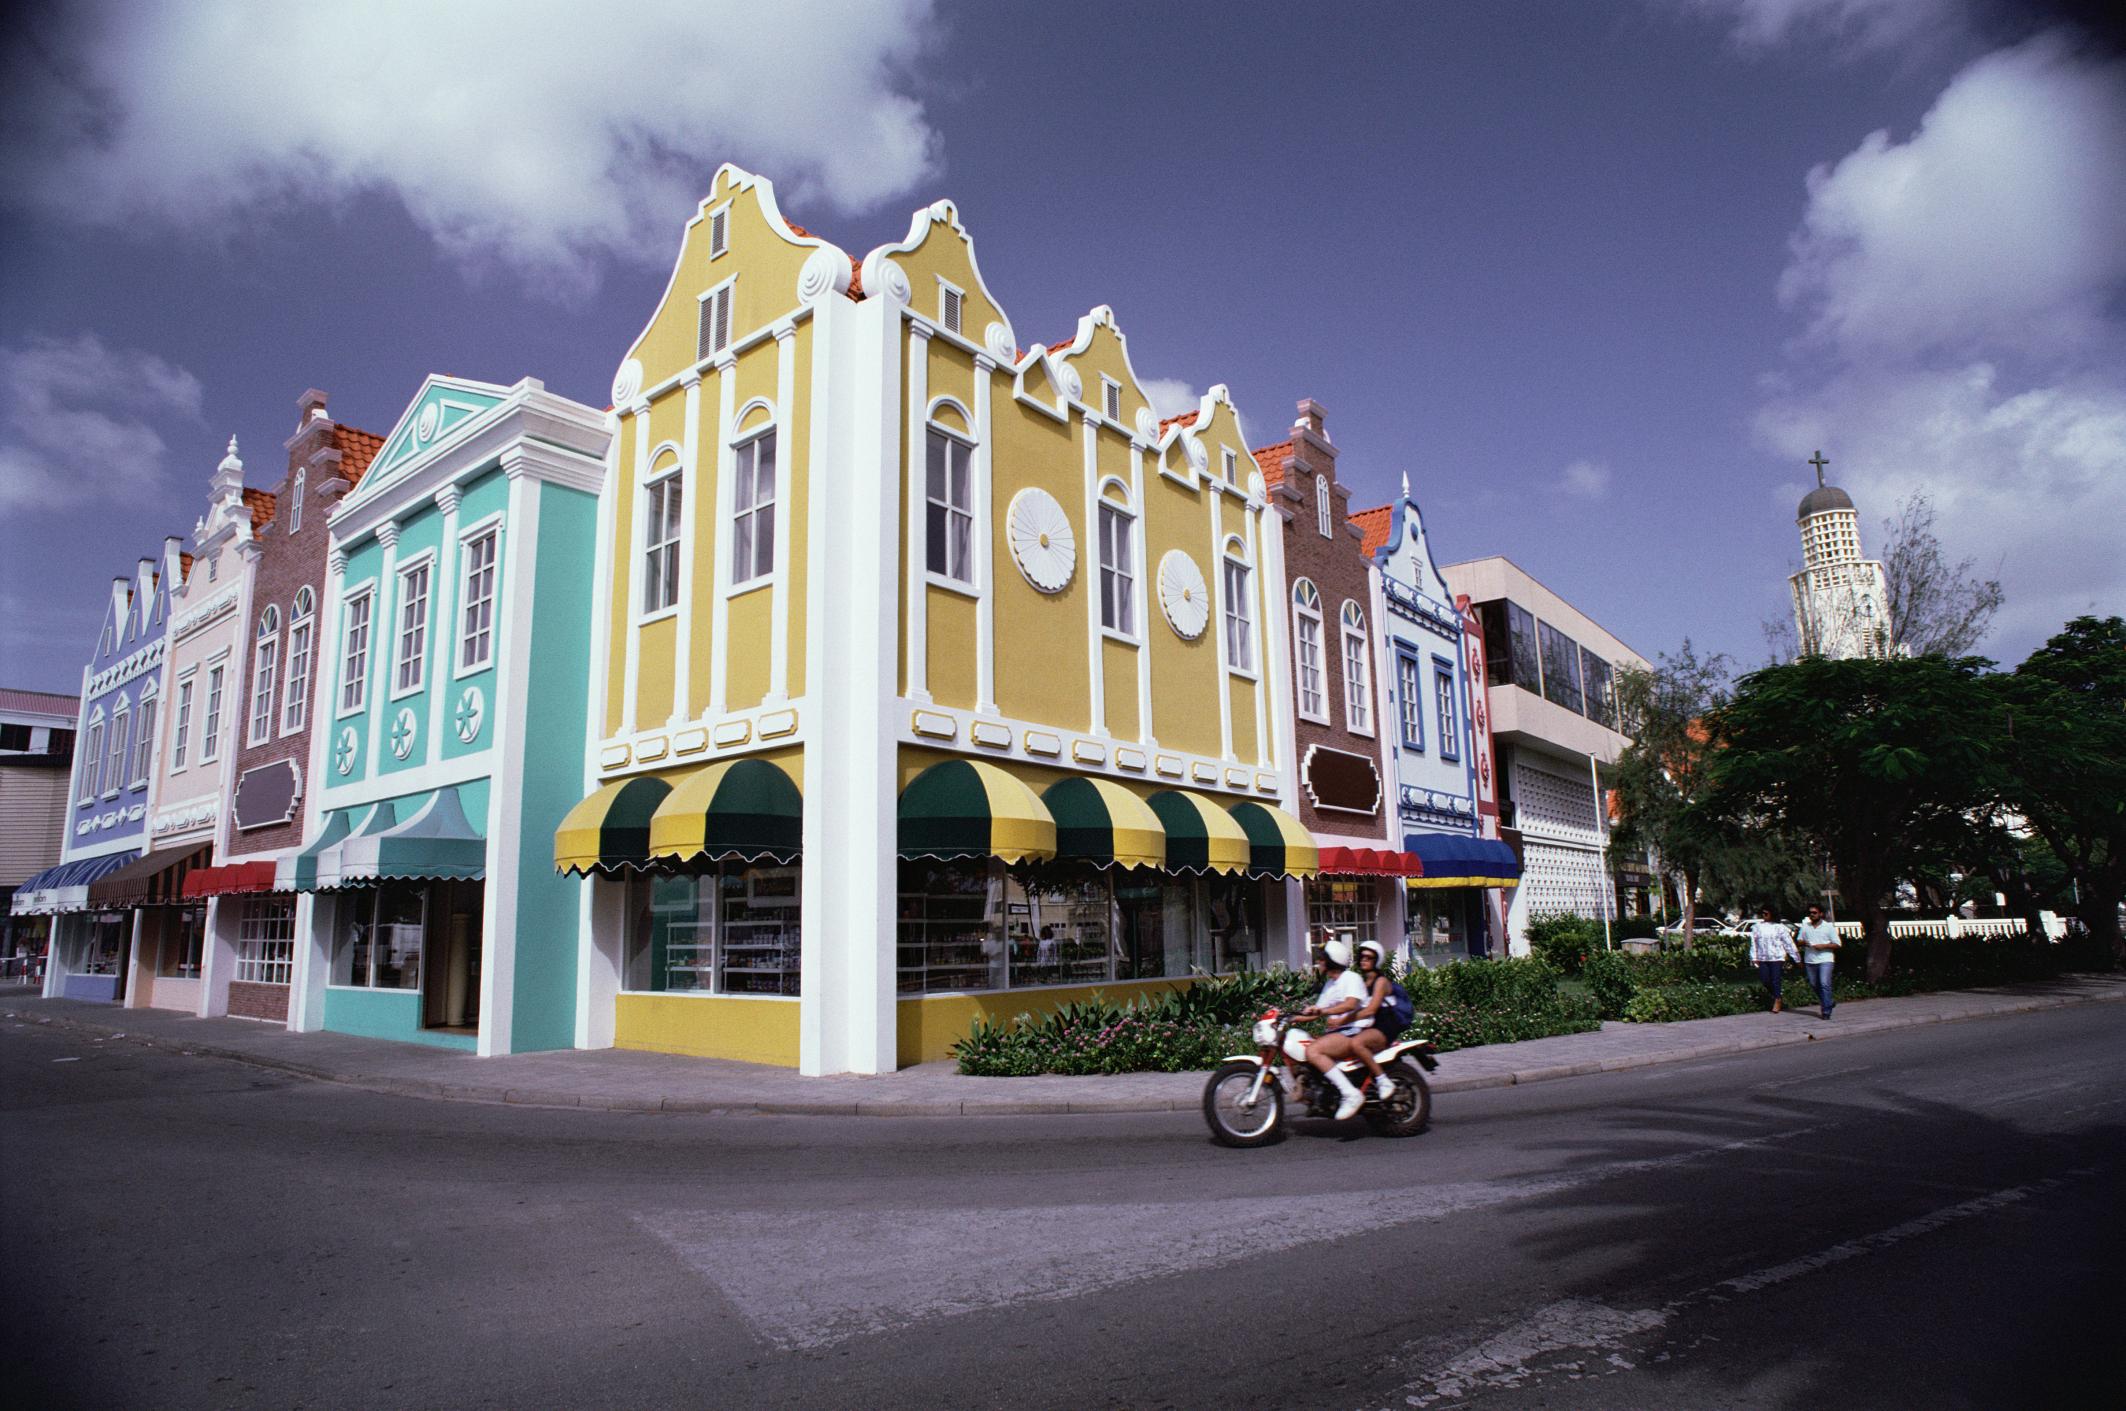 Prédios coloridos e influência holandesa na arquitetura de Oranjestad, capital de Aruba